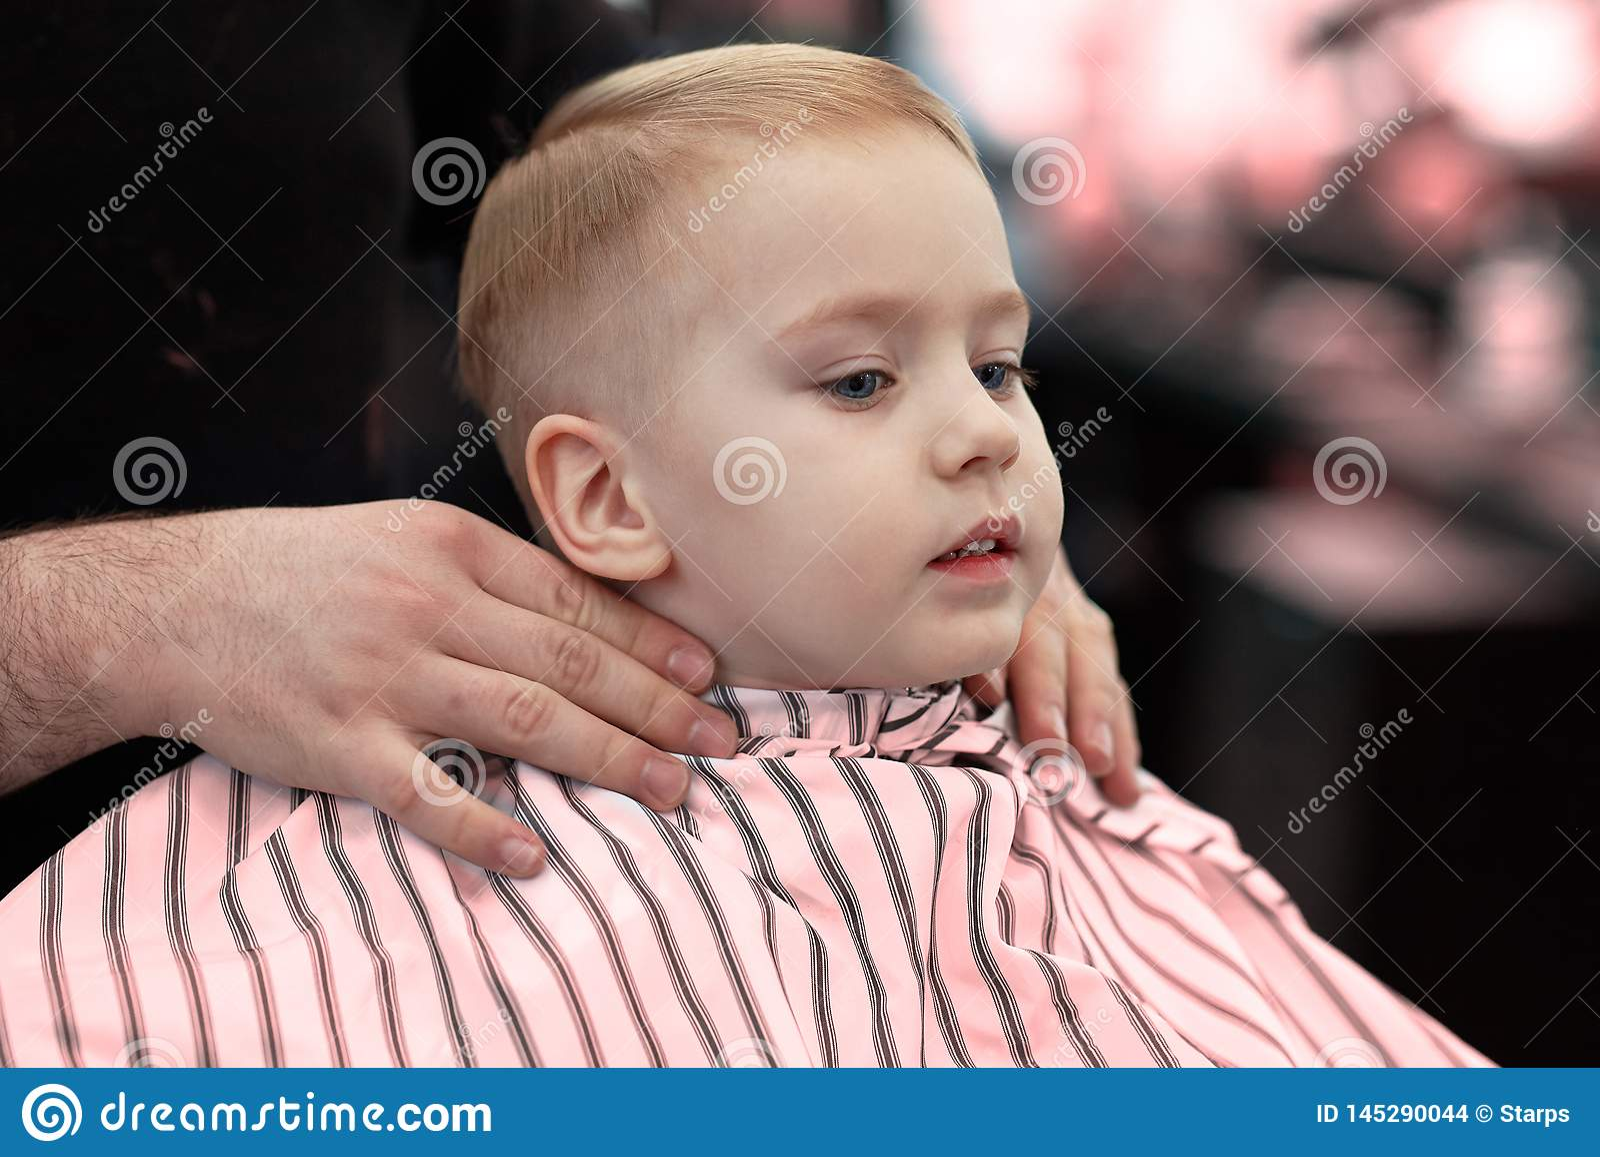 Neonato sorridente biondo sveglio con gli occhi azzurri in un negozio di barbiere che ha taglio di capelli dal parrucchiere Mani